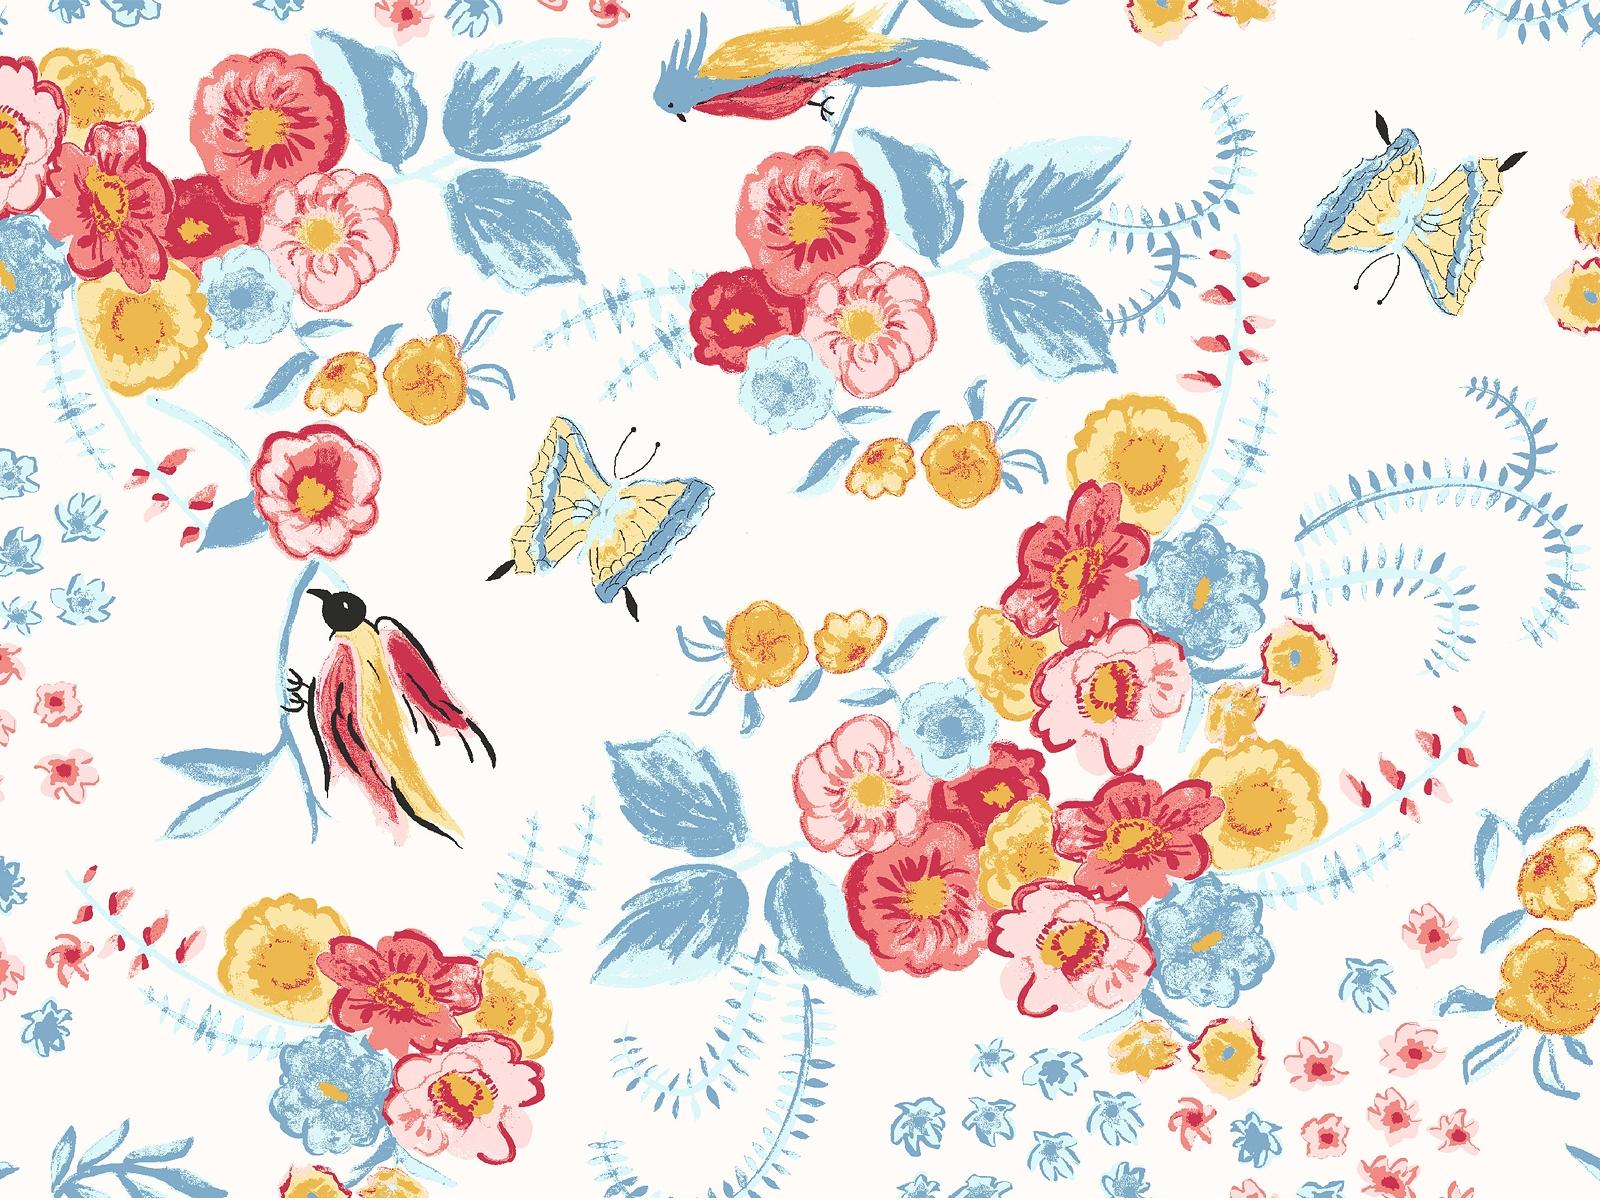 ガーリーなイラストデザインの壁紙 Ramica